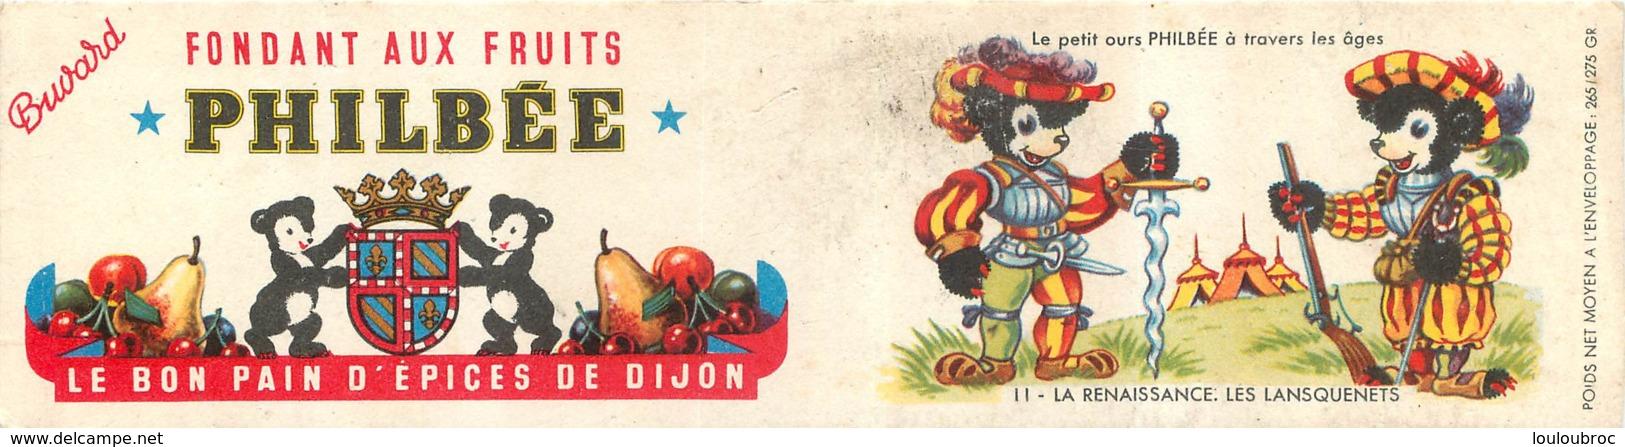 BUVARD PAIN D'EPICES DE DIJON PHILBEE - Gingerbread